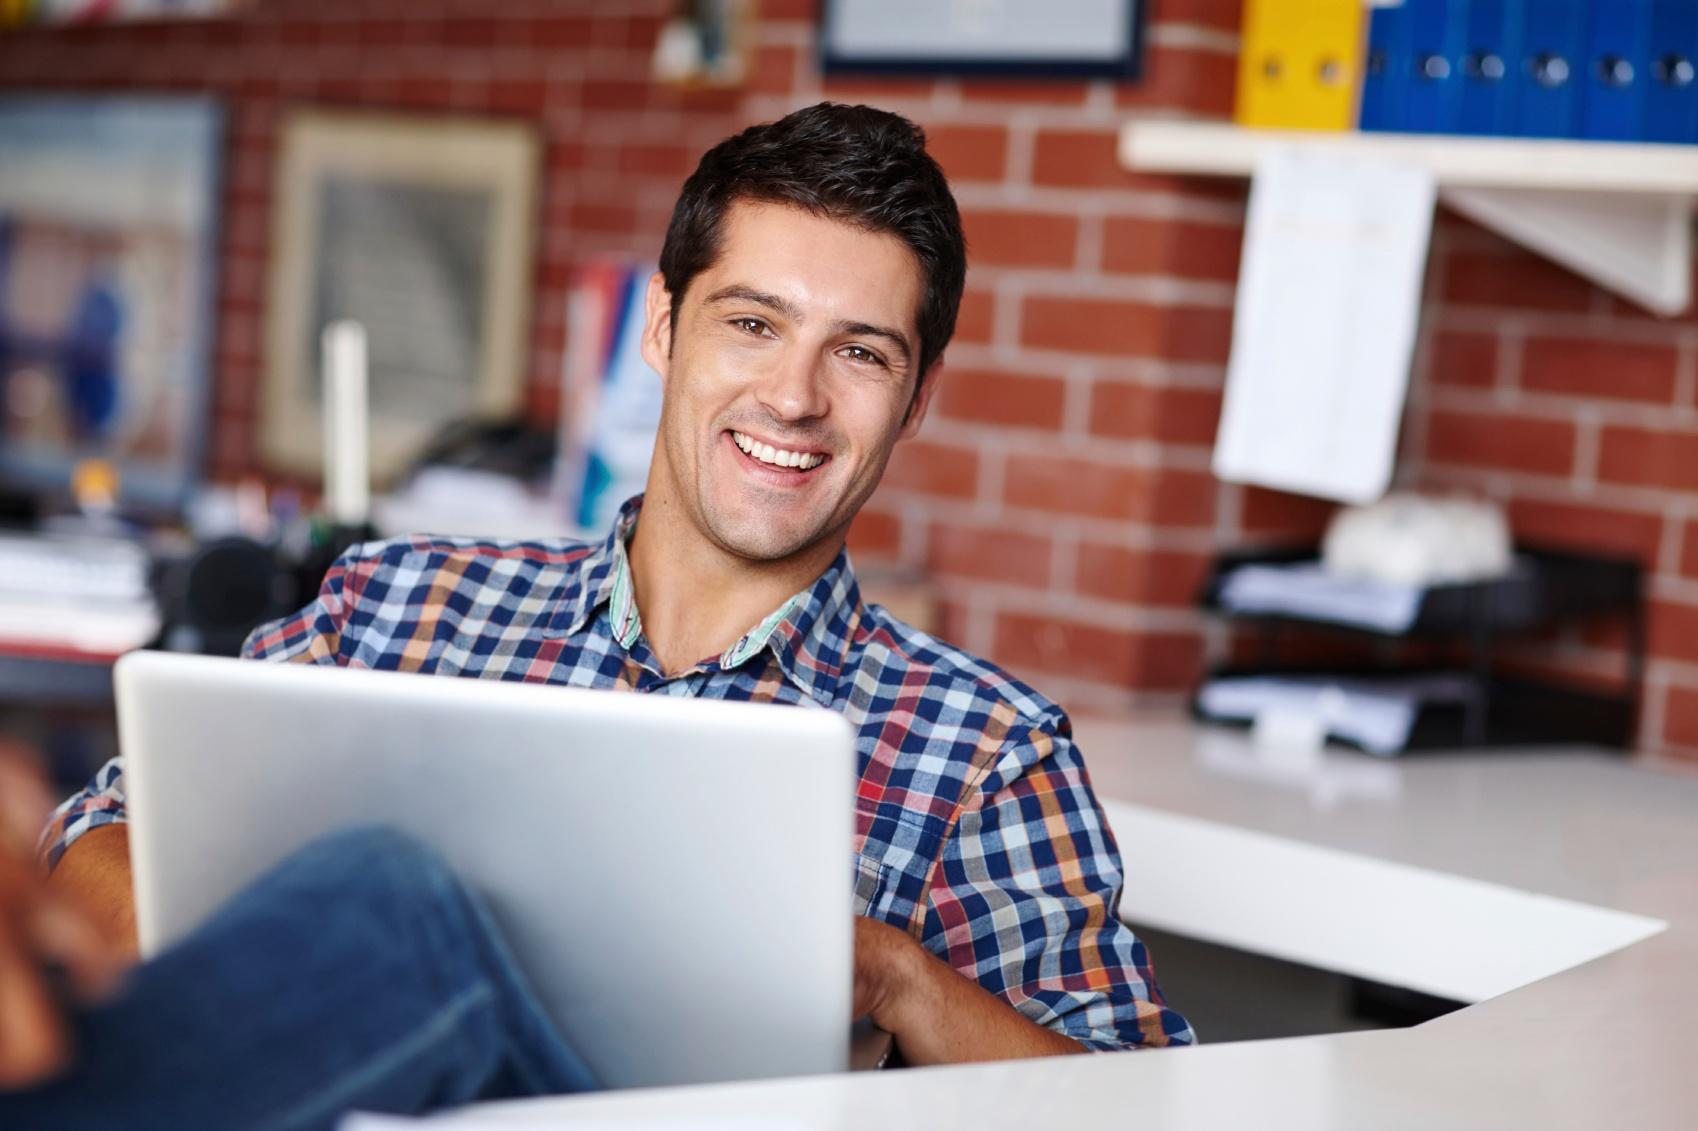 Hvordan-få-Outlook-til-å-raskere-markere-en-e-post-som-lest